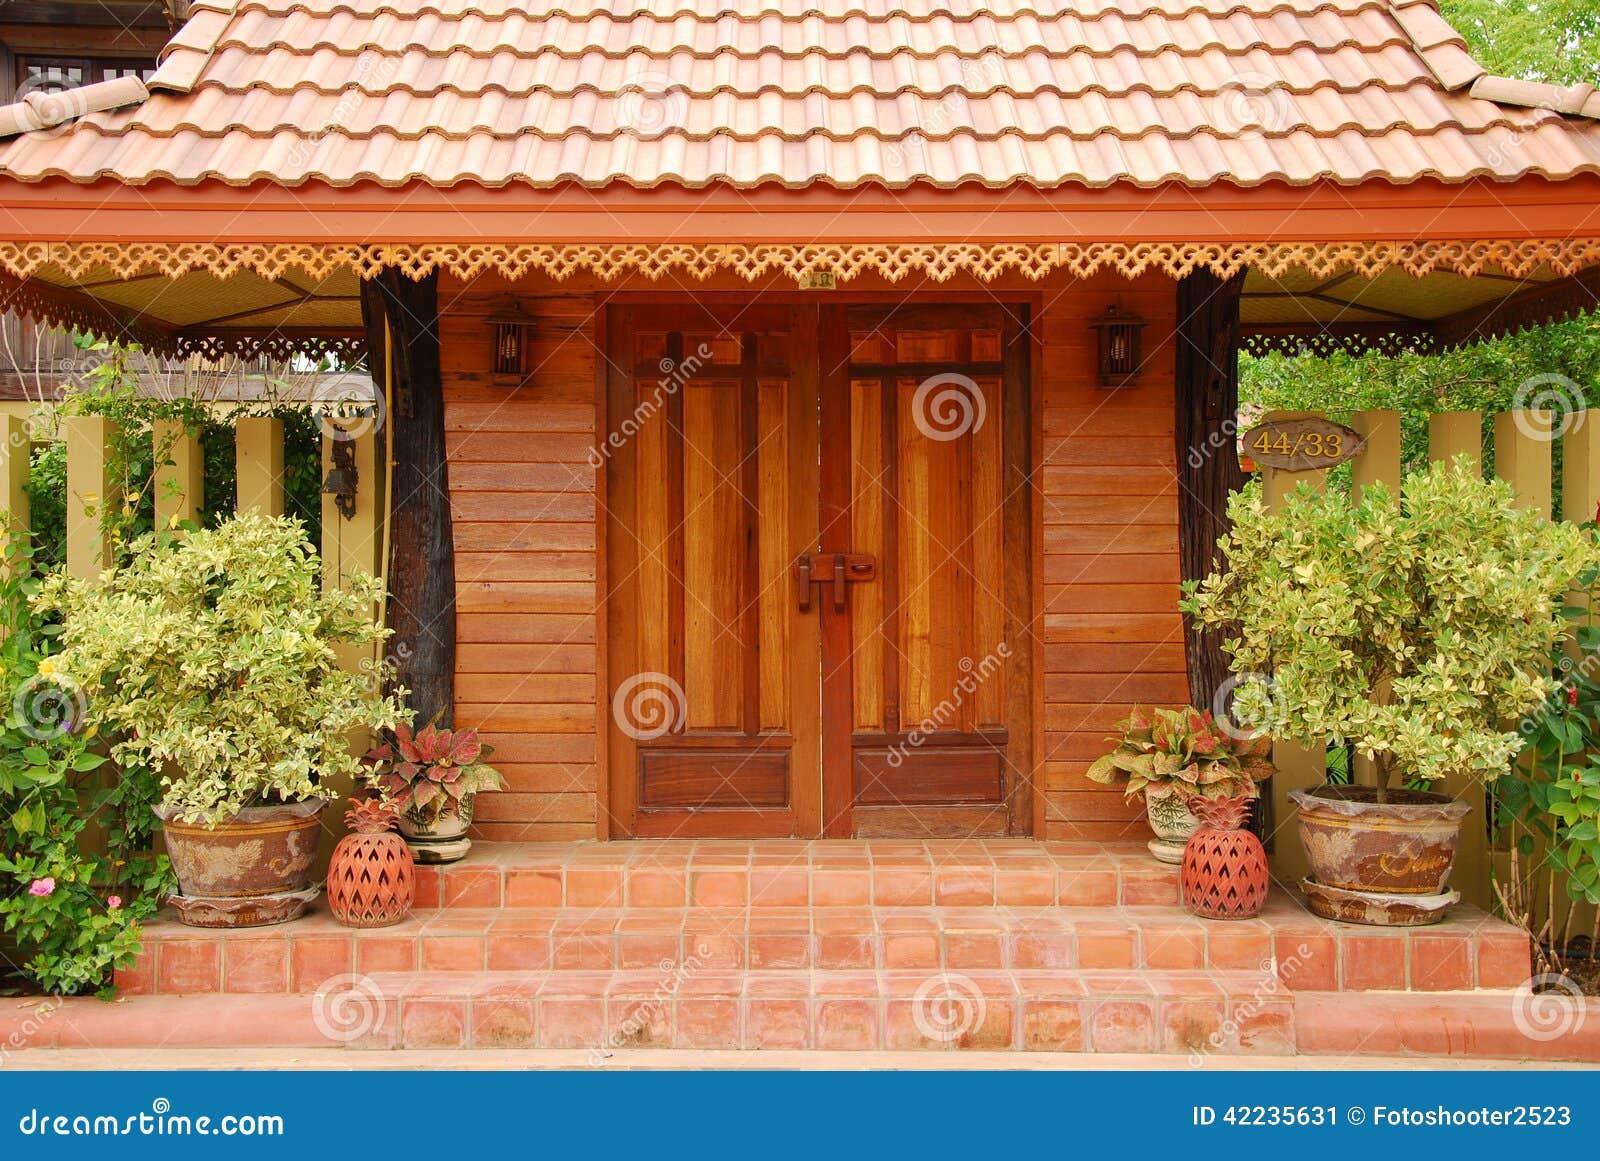 design door east garden place thai ... & Thai Door Design And Garden Stock Photo - Image: 42235631 Pezcame.Com